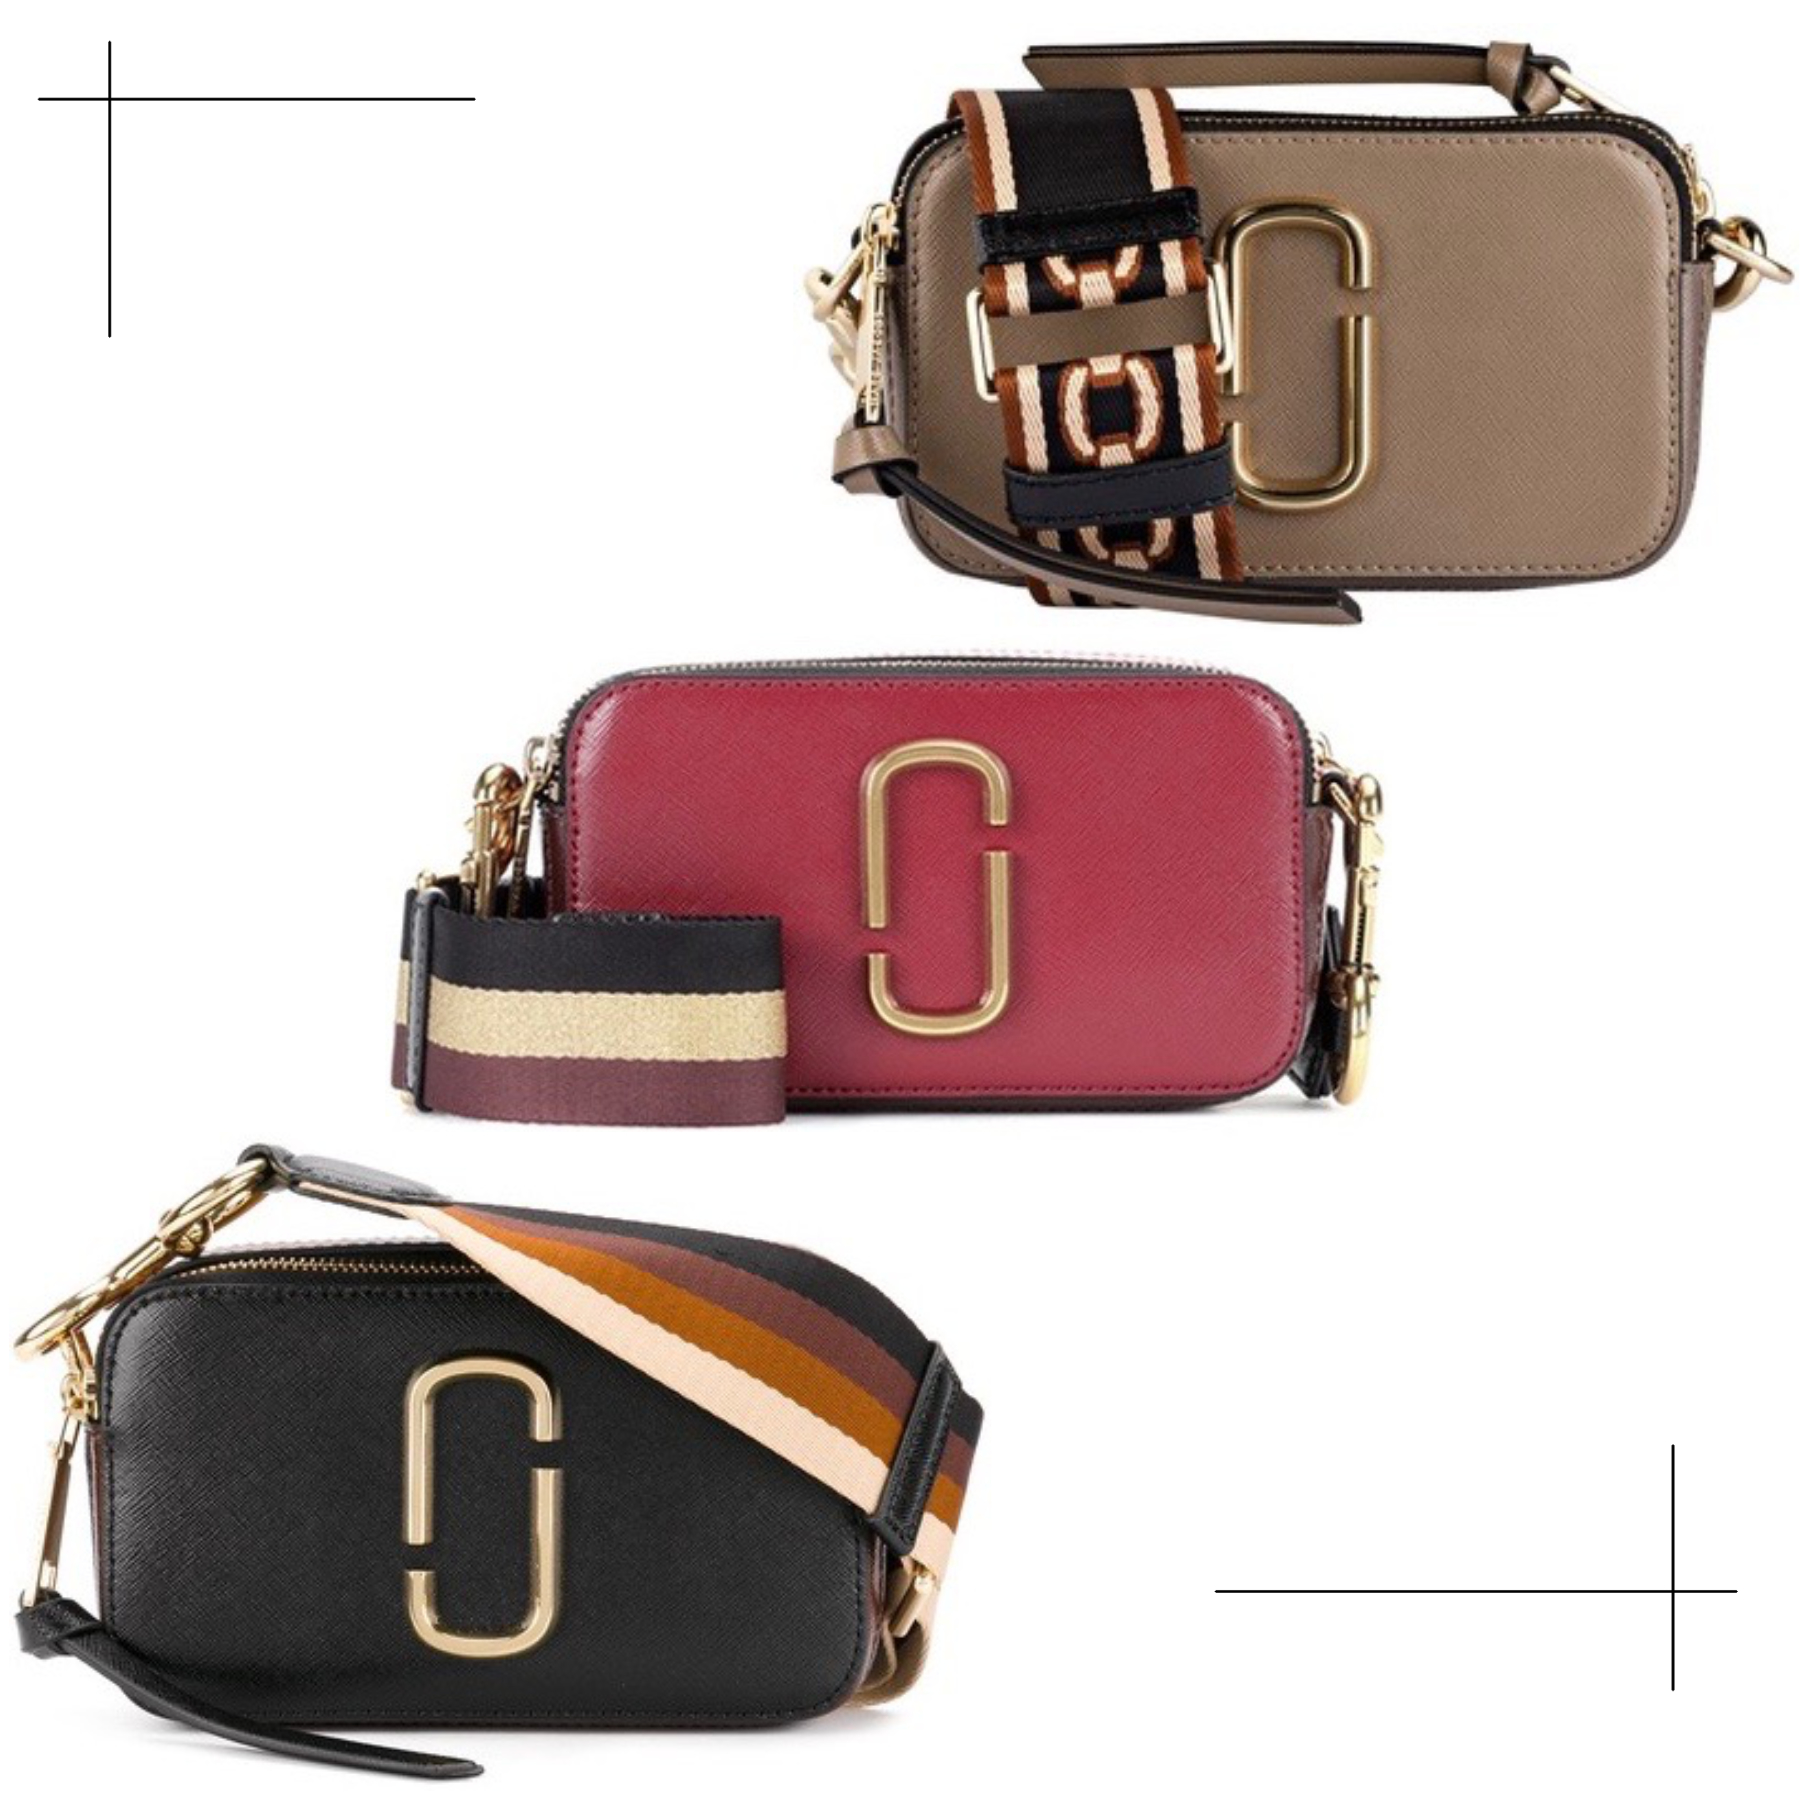 marc jacobs snapshot bag Marc_jacobs_snapshot_Bag_trend_suelovesnyc